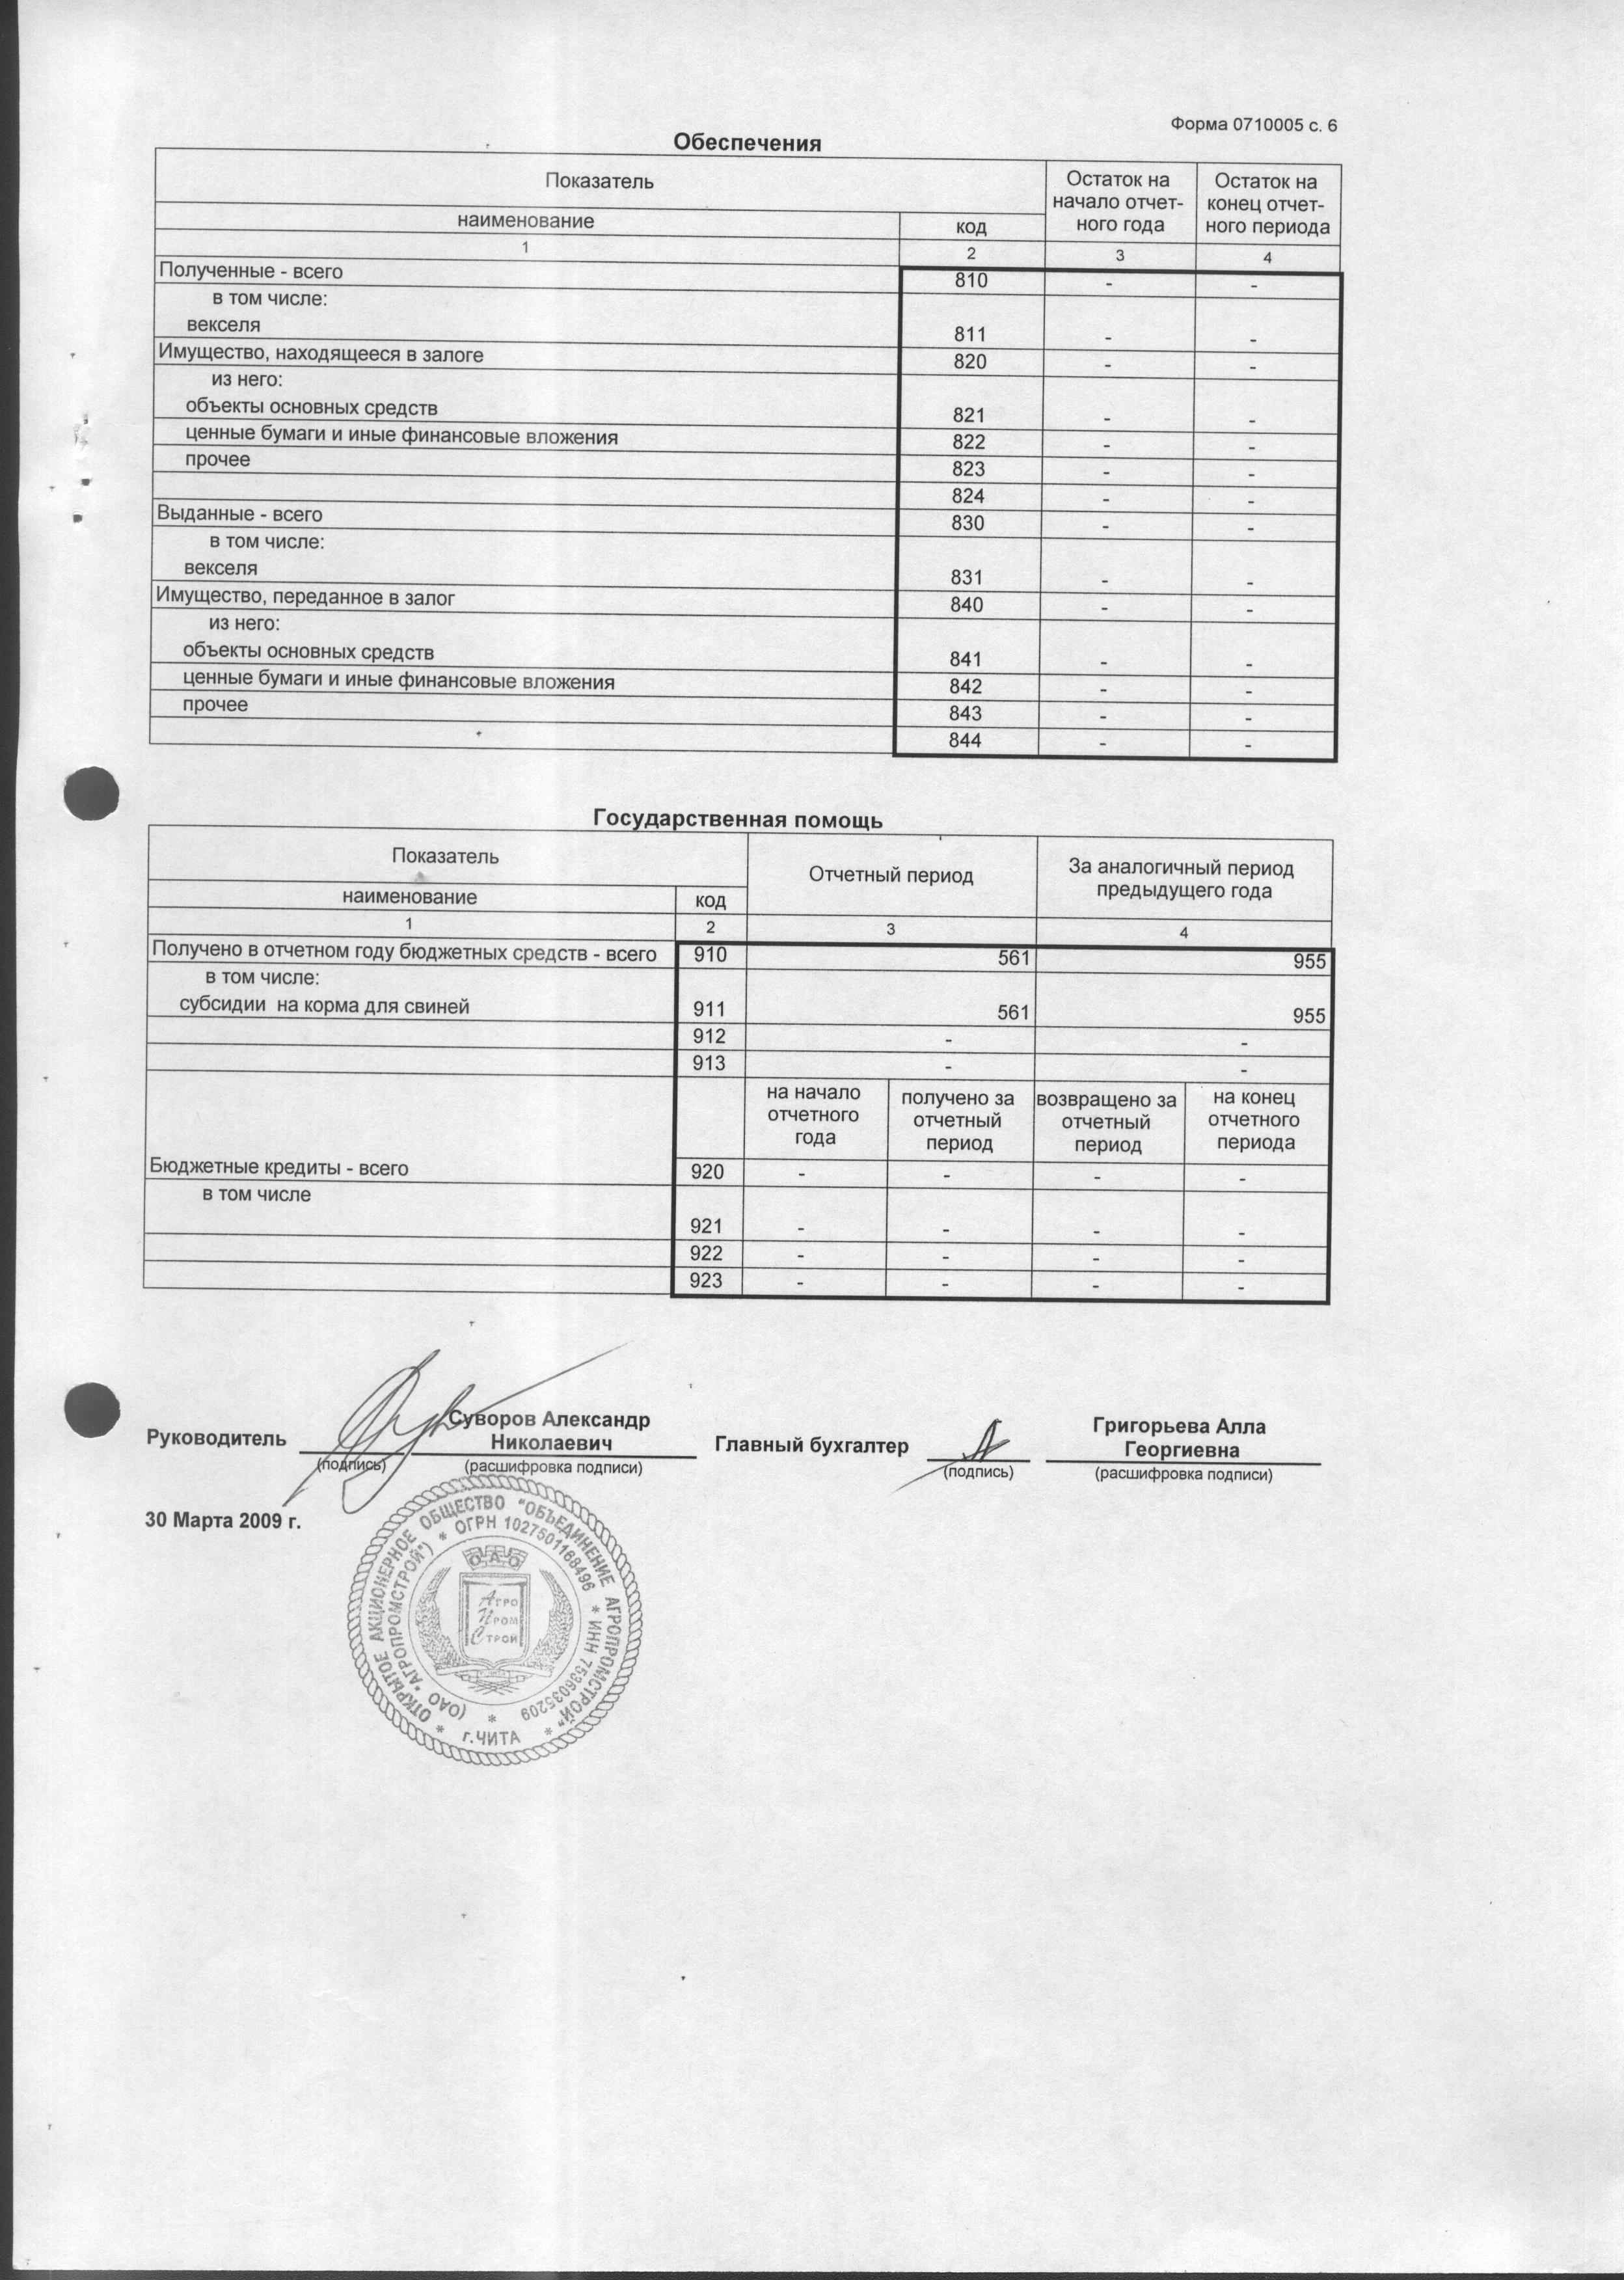 бланки бухгалтерской отчетности за 2007 год